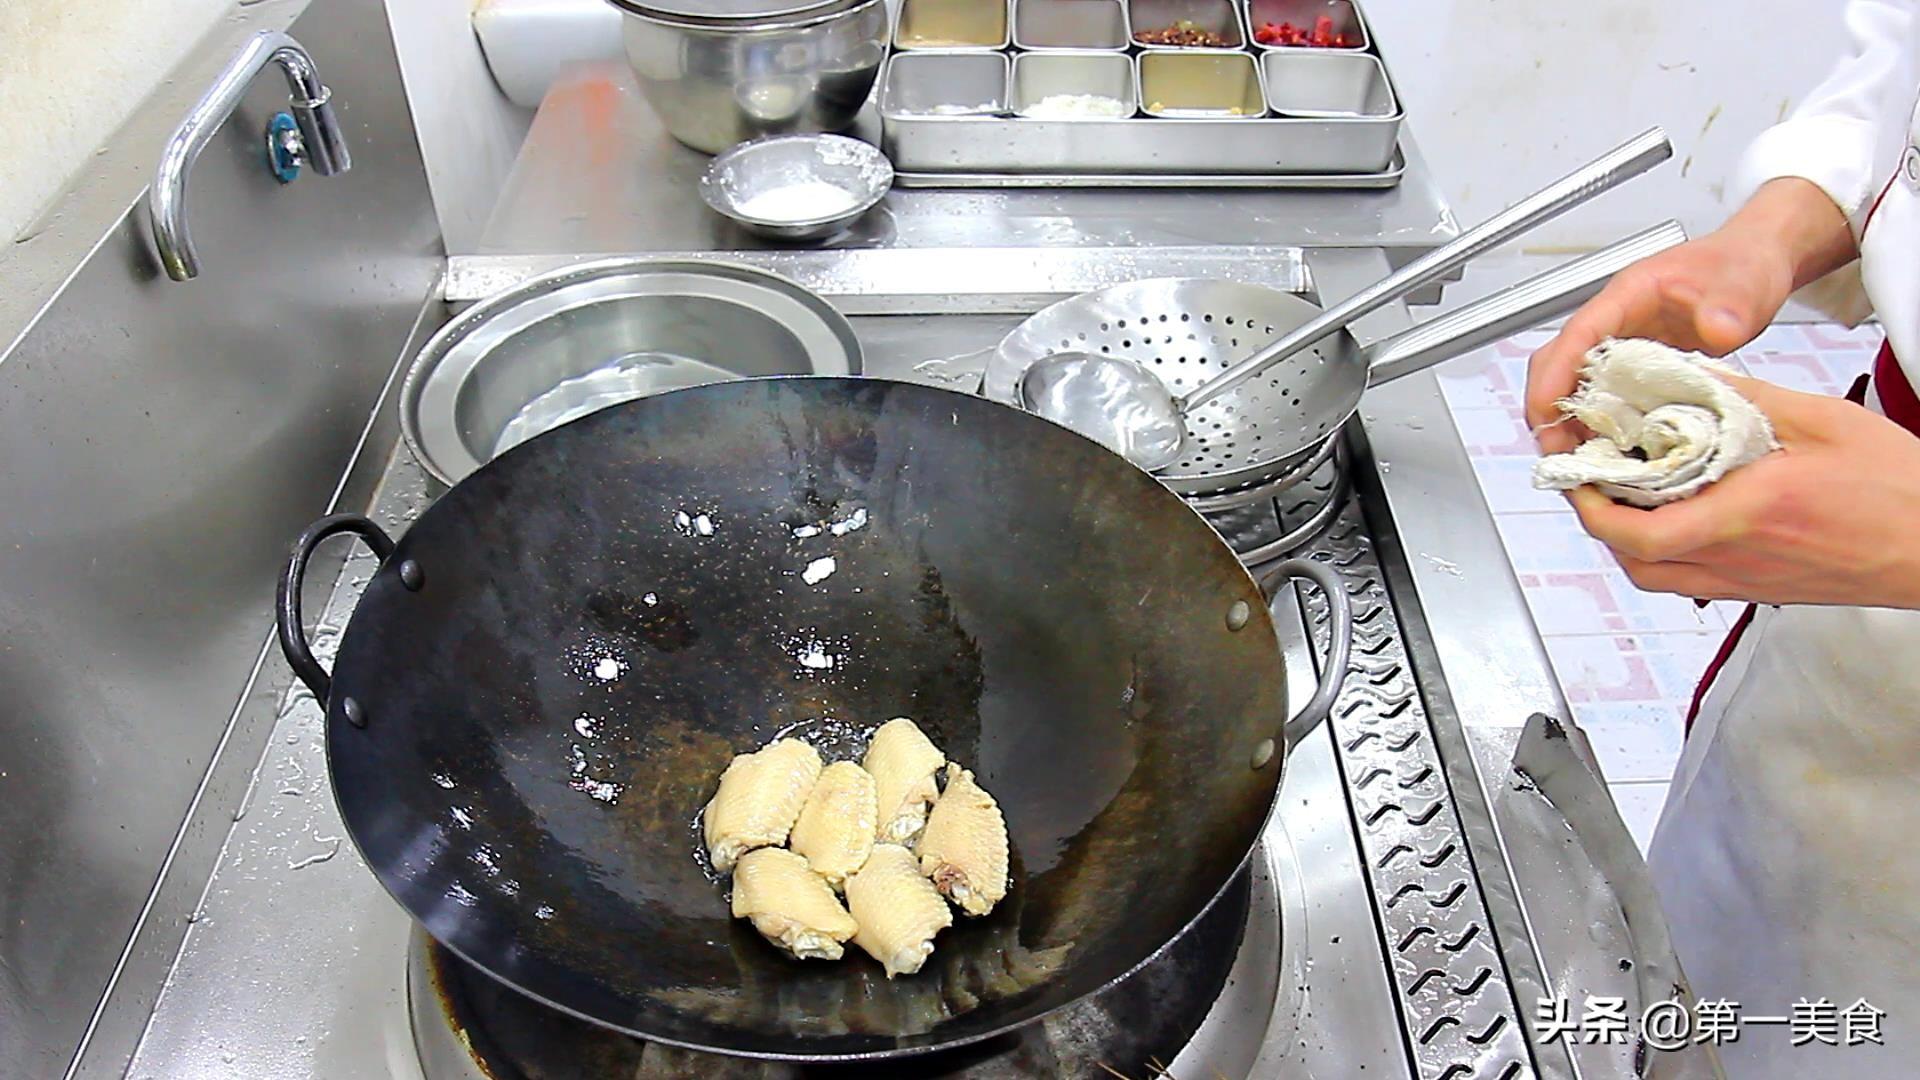 厨师长教你做可乐鸡翅家常做法,做法步骤讲解清晰,味道超好